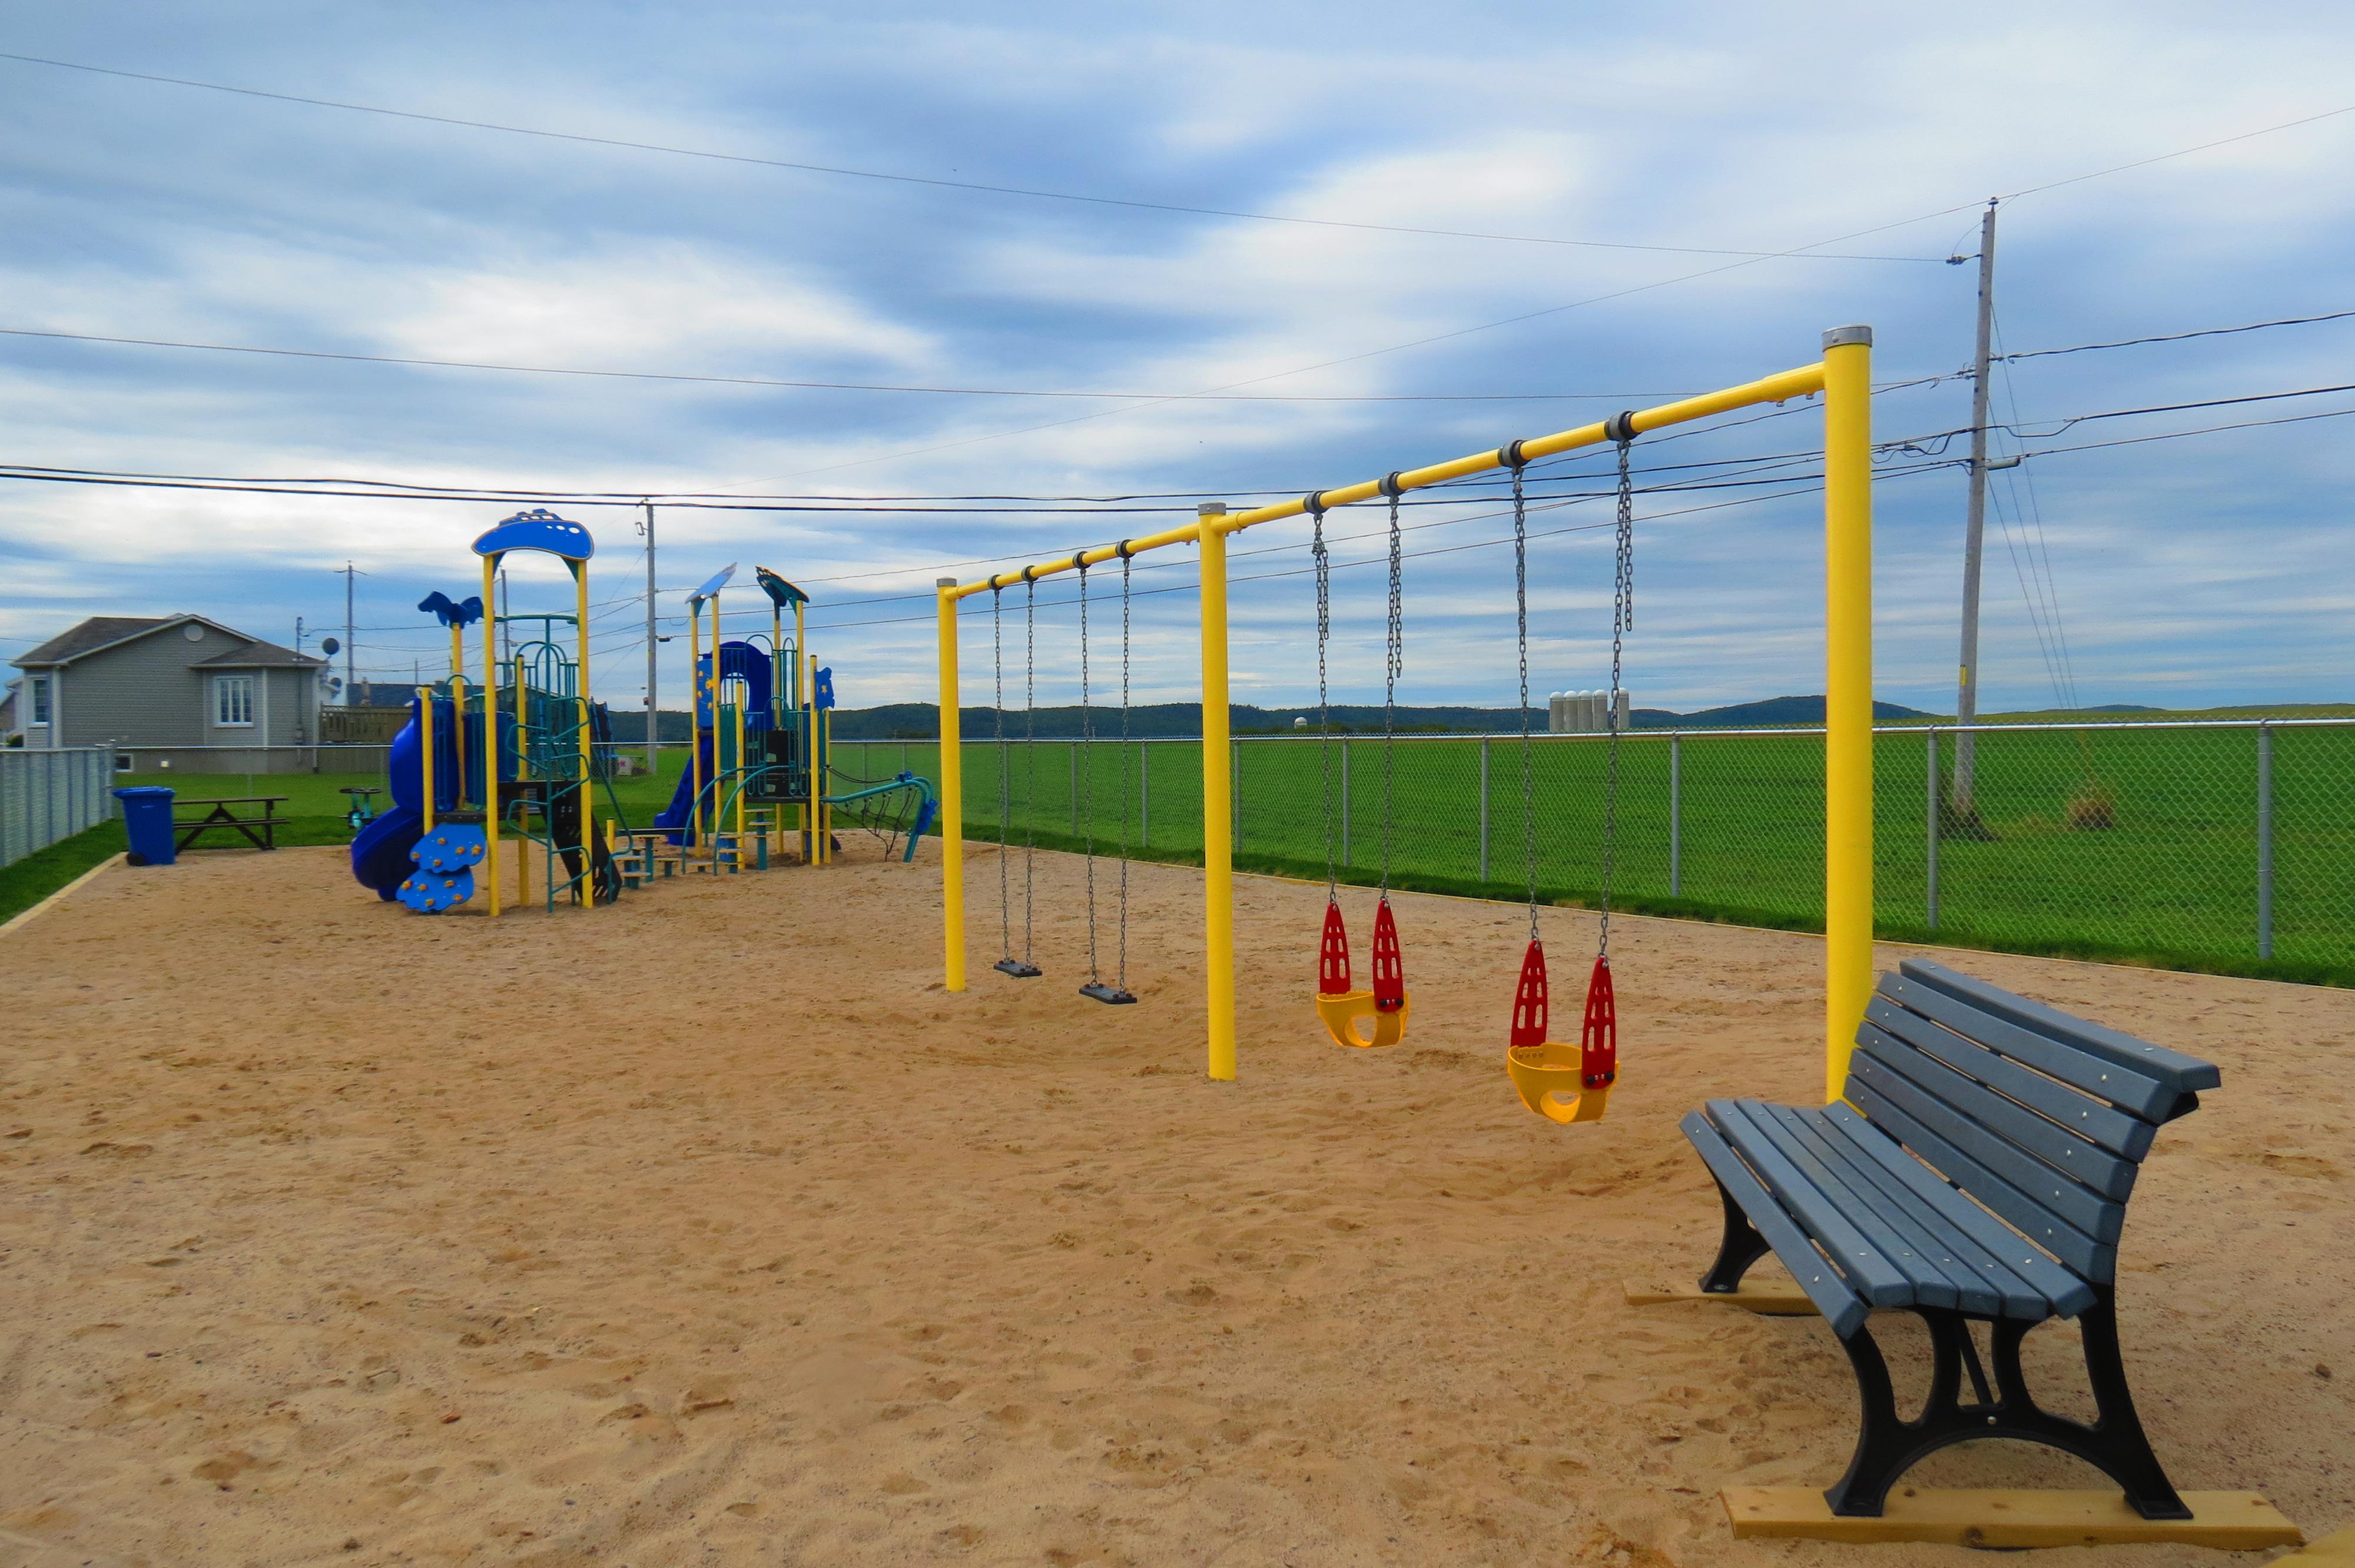 Attractive Parc De Jeux Exterieur #10: Parcs U0026 Modules De Jeux